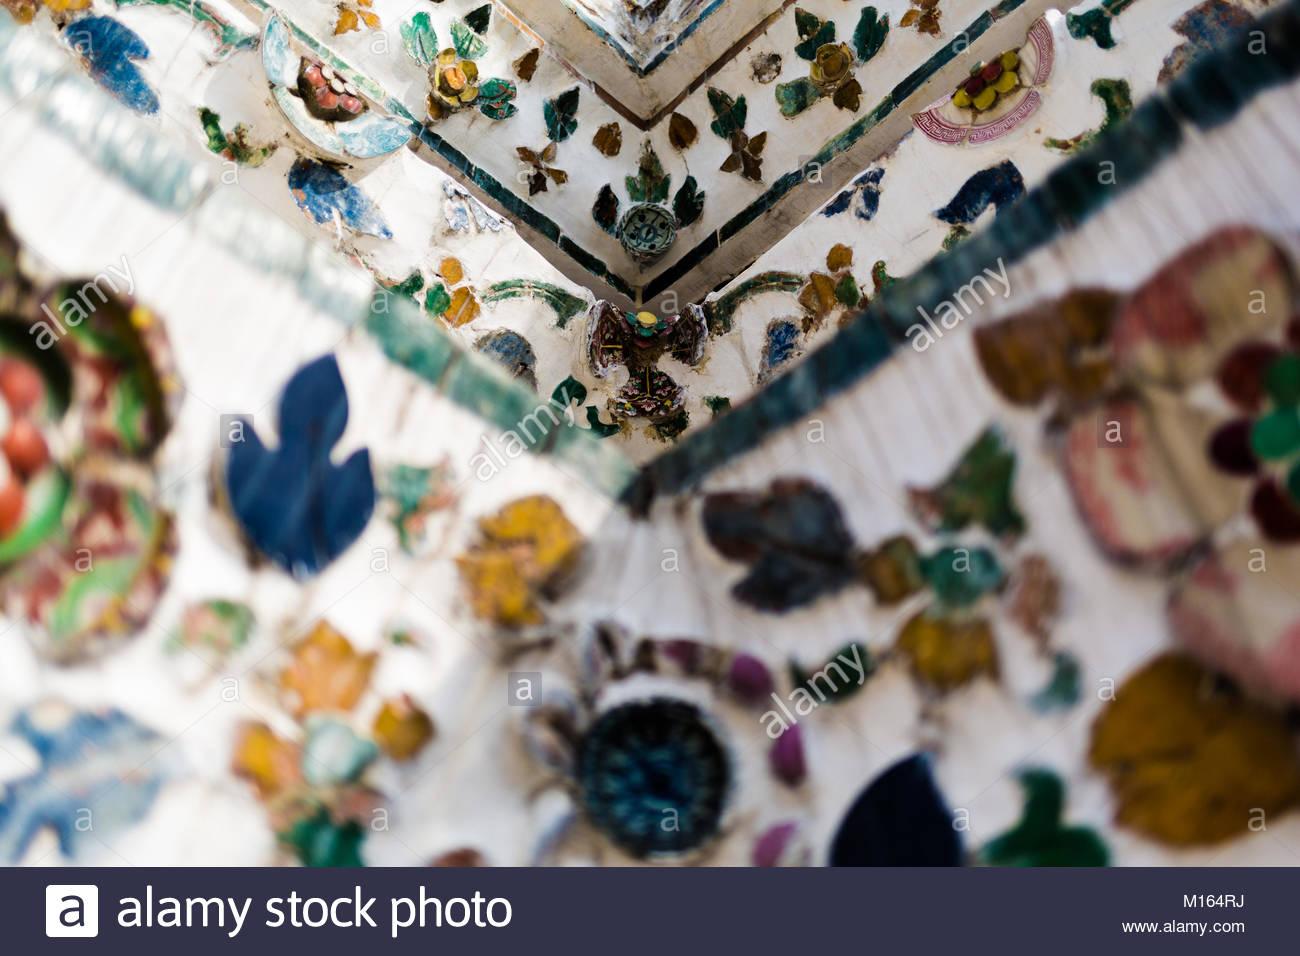 Ornamente der Wat Arun Ratchawararam Ratchawaramahawihan Stockbild